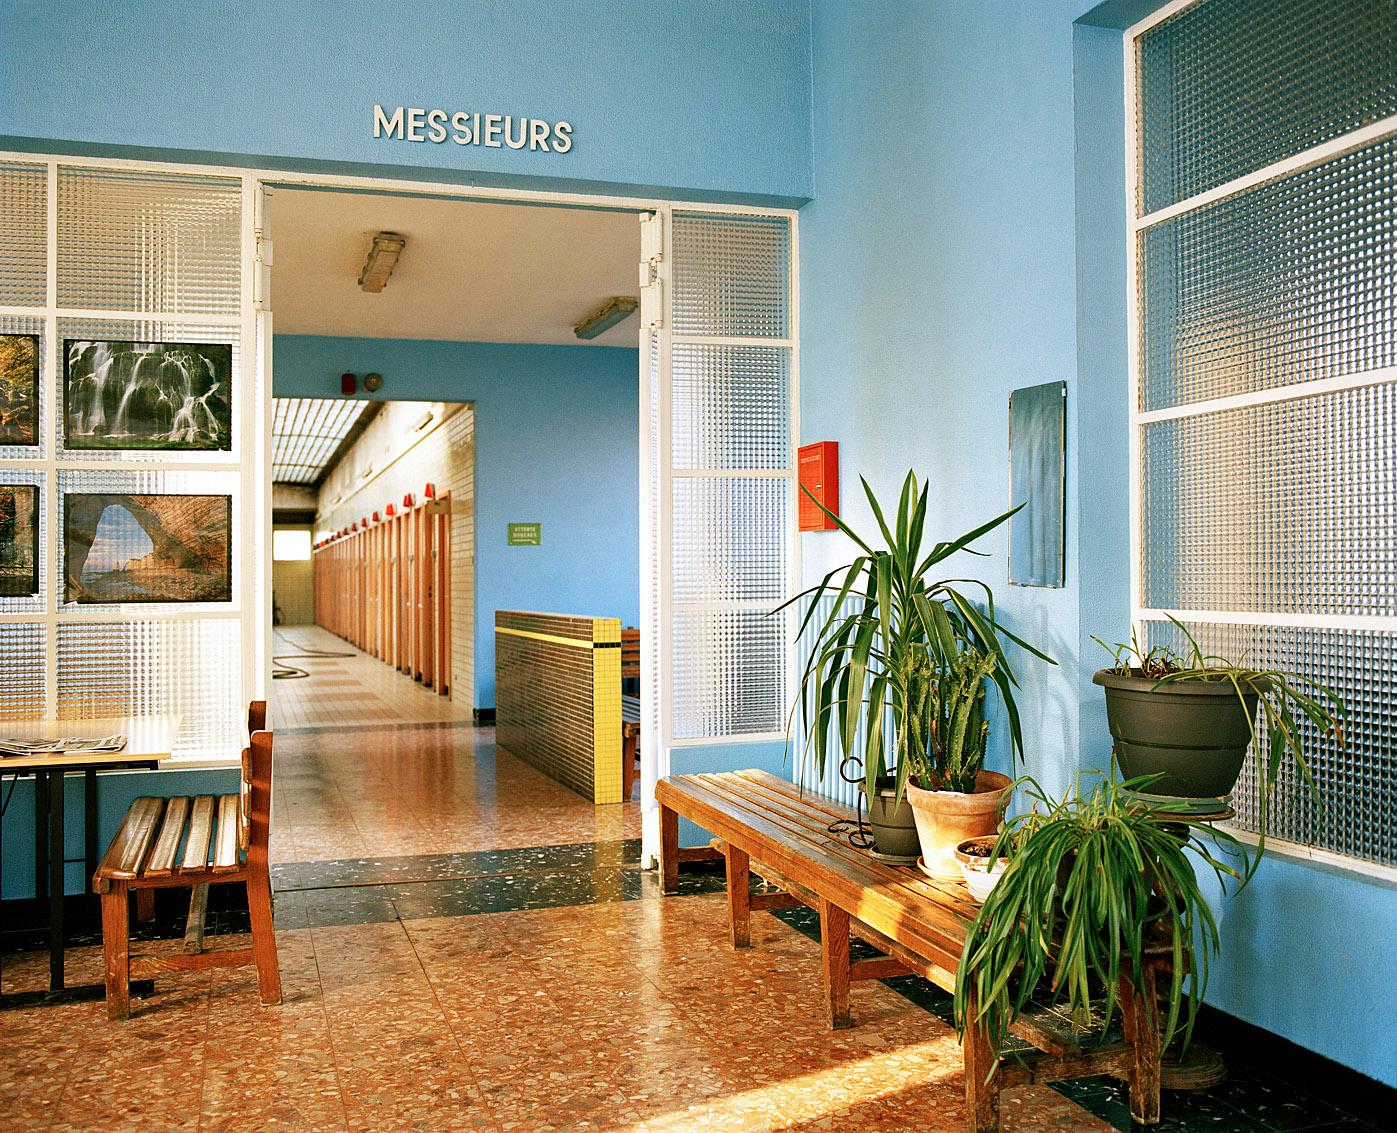 Hall d'accueil des bains-douches municipaux Fives de Lille.